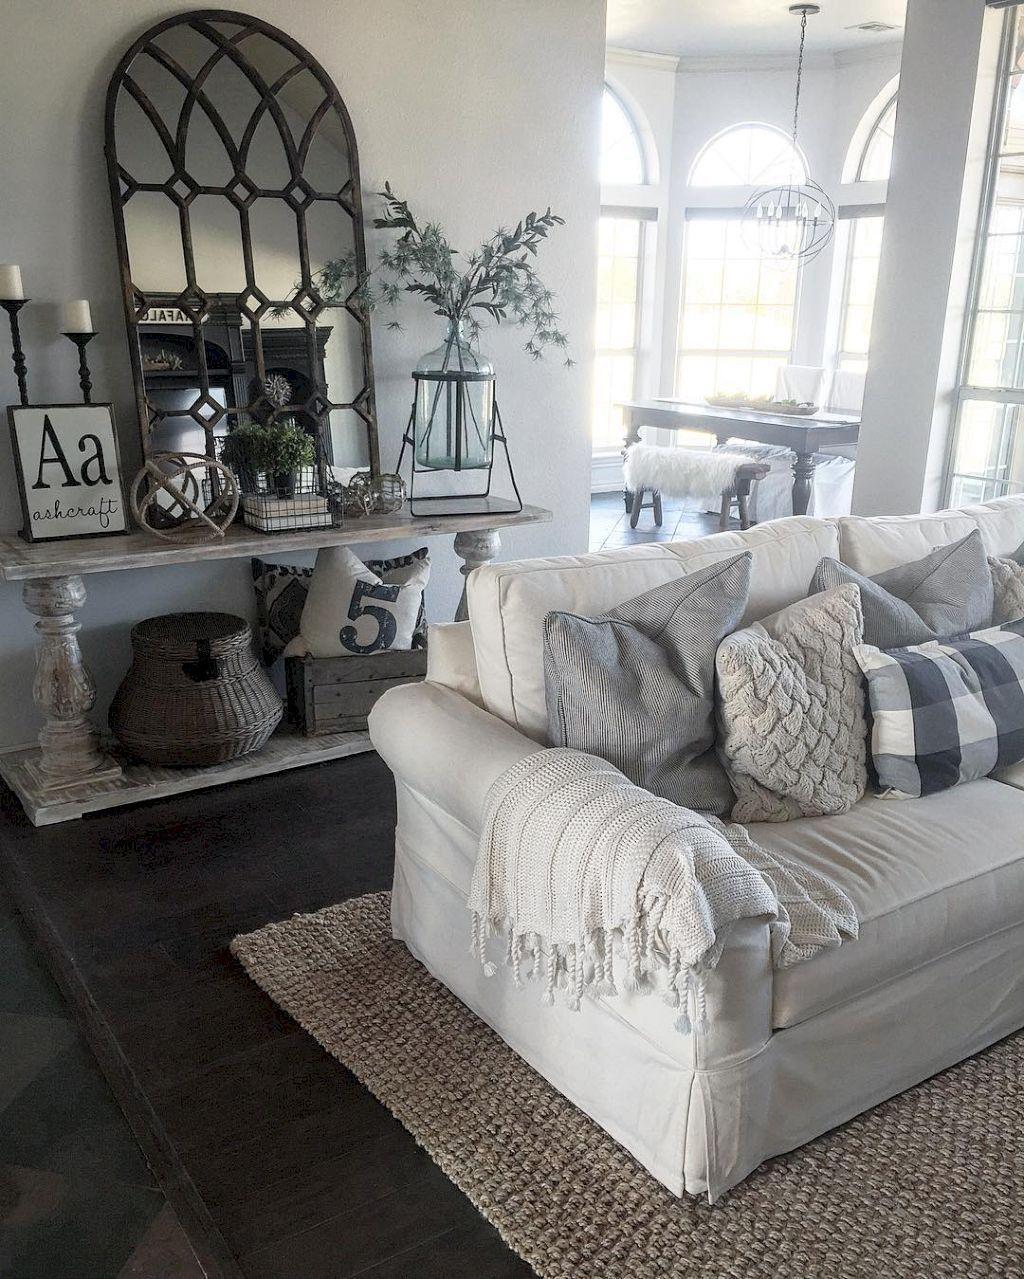 66 Awesome Rustic Farmhouse Living Room Decor Ideas Farmhouse